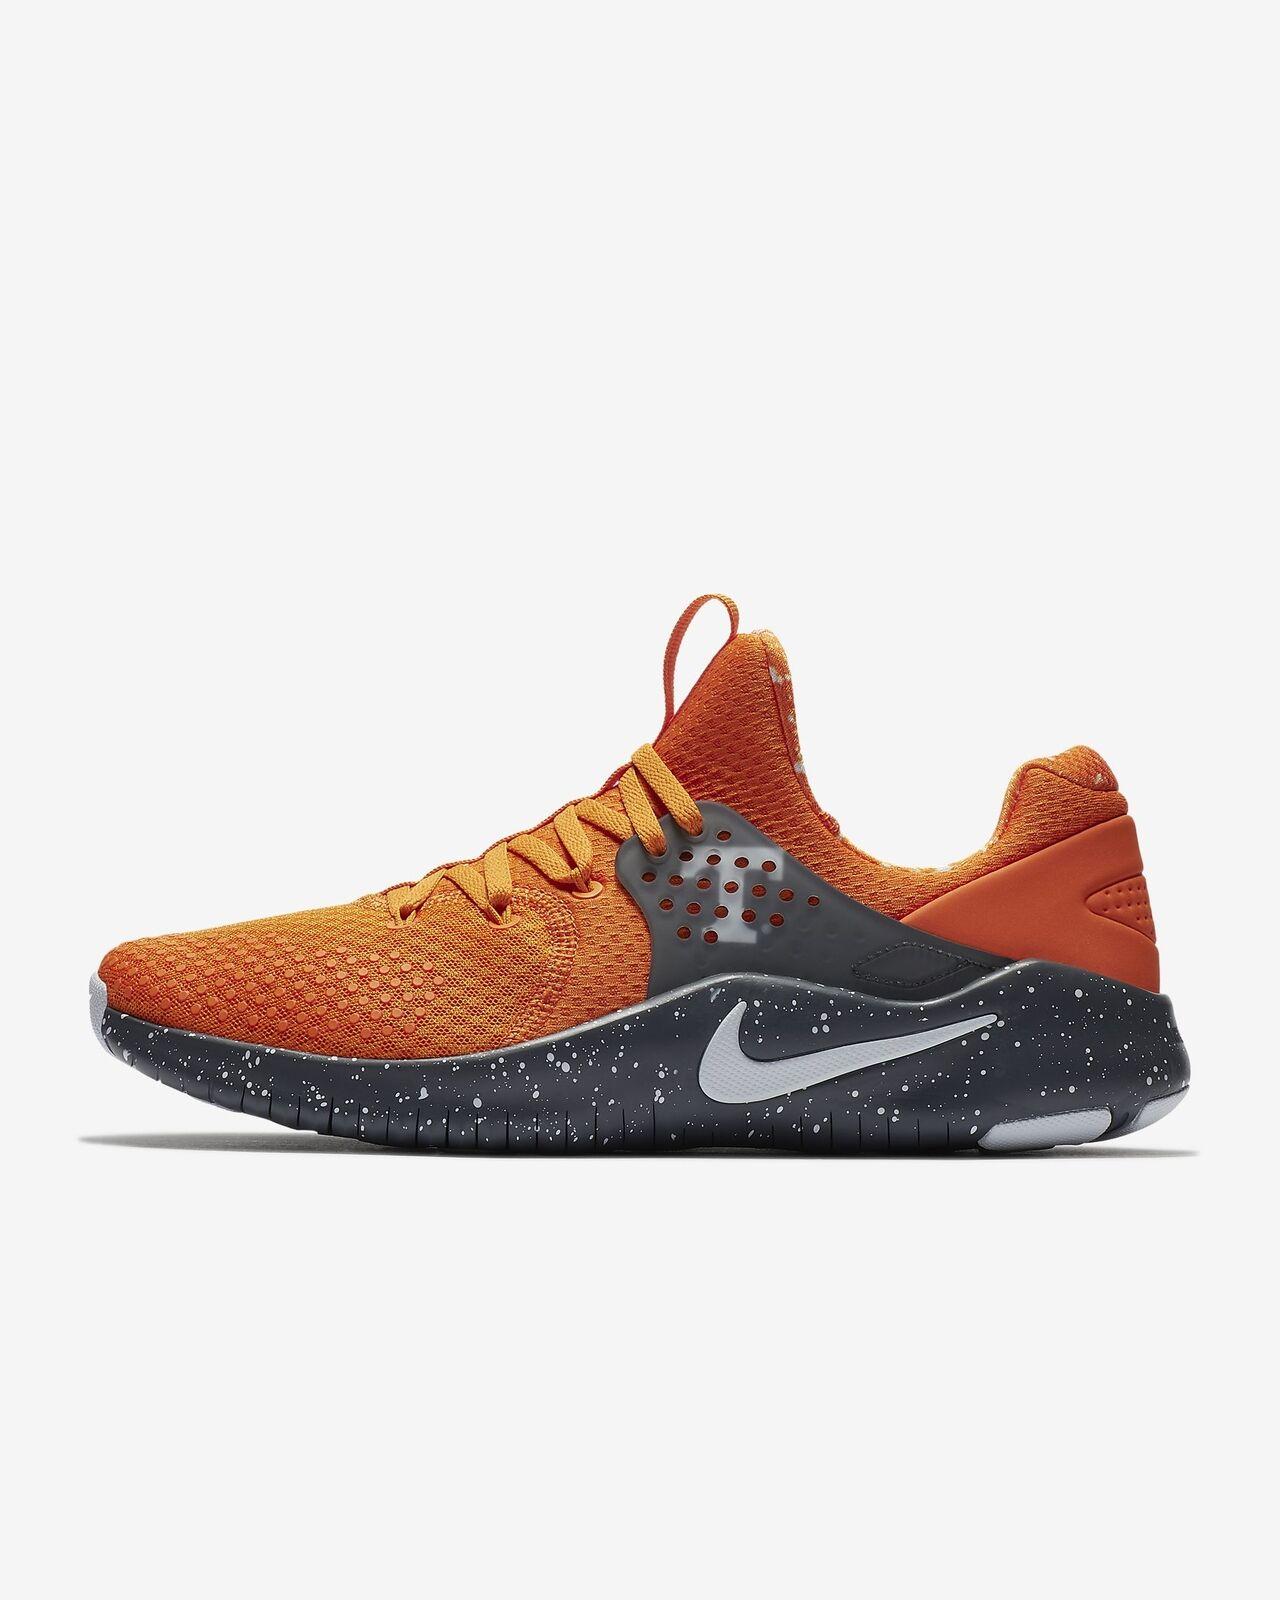 Gli da uomini liberi tr8 college del tennessee scarpe da Gli ginnastica nike atletico dei formatori 1a1817